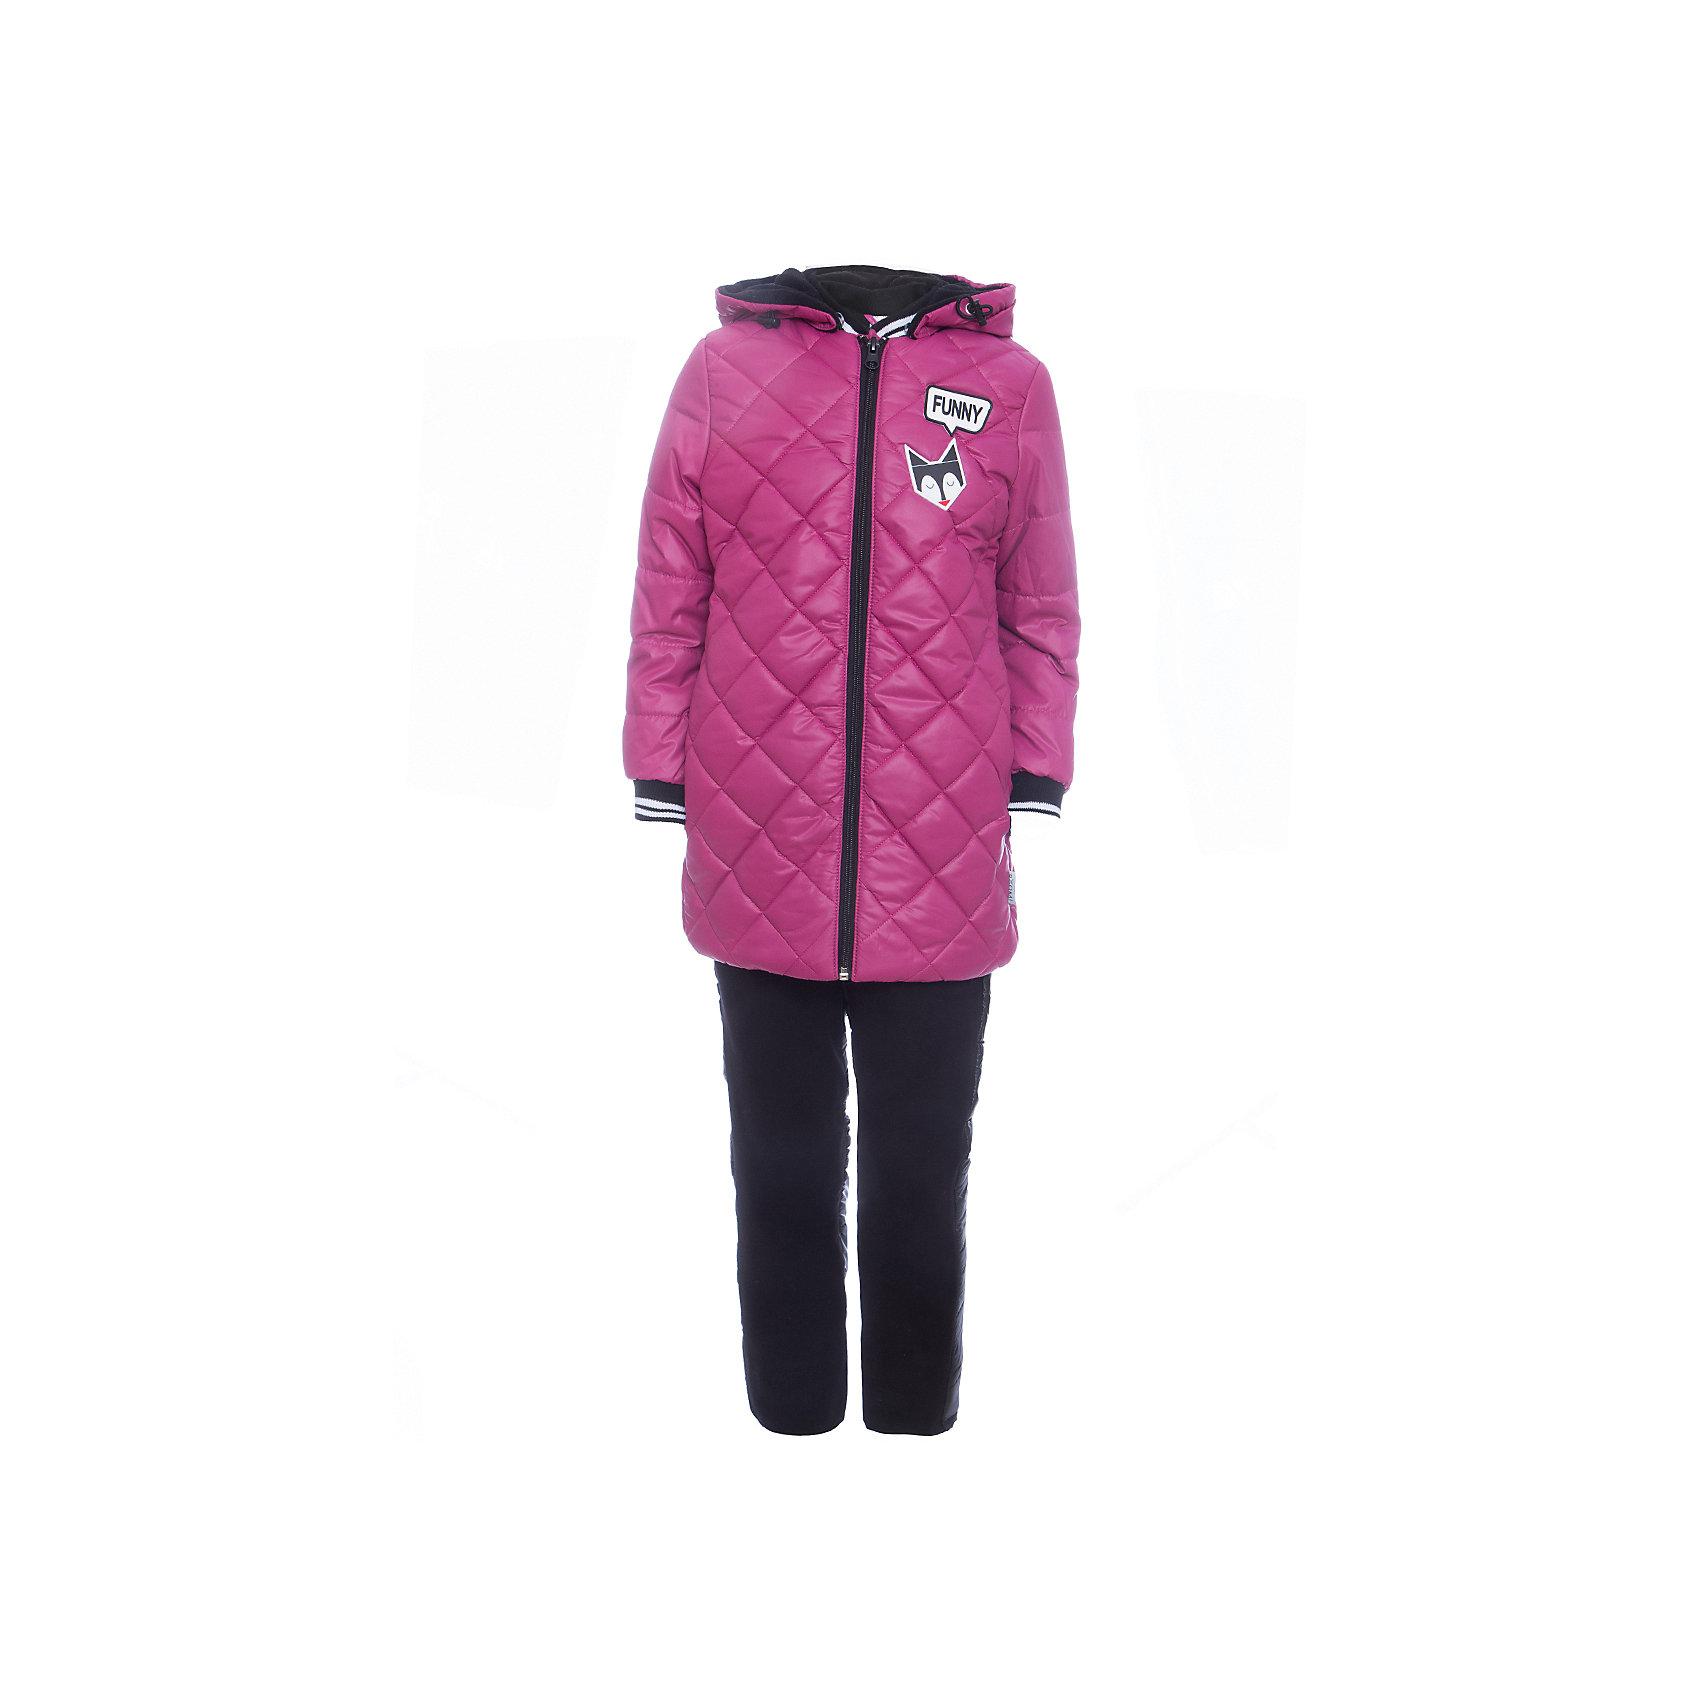 Комплект: куртка и брюки BOOM by Orby для девочкиВерхняя одежда<br>Характеристики товара:<br><br>• цвет: фиолетовый<br>• ткань верха: куртка - Таффета oil cire pu milky, брюки - Болонь pu milky<br>• подкладка: куртка - Флис; ПЭ пуходержащий; брюки - ПЭ пуходержащий<br>• утеплитель: куртка - Эко синтепон 200 г/м2; брюки - Эко синтепон 80 г/м2<br>• сезон: демисезон<br>• температурный режим: от -10° до +10°С<br>• особенности куртки: на молнии, стеганая<br>• особенности брюк: на резинке, дутые<br>• капюшон: без меха <br>• страна бренда: Россия<br>• страна изготовитель: Россия<br><br>Хороший утеплитель и плотная ткань верха делает этот демисезонный комплект отлично подходящим для сырой и холодной погоды. Такой тепленный комплект для девочки состоит из куртки с капюшоном и удобных брюк.<br><br>Комплект: куртка и брюки BOOM by Orby для девочки можно купить в нашем интернет-магазине.<br><br>Ширина мм: 356<br>Глубина мм: 10<br>Высота мм: 245<br>Вес г: 519<br>Цвет: лиловый<br>Возраст от месяцев: 72<br>Возраст до месяцев: 84<br>Пол: Женский<br>Возраст: Детский<br>Размер: 122,104,86,92,98,110,116<br>SKU: 7007632